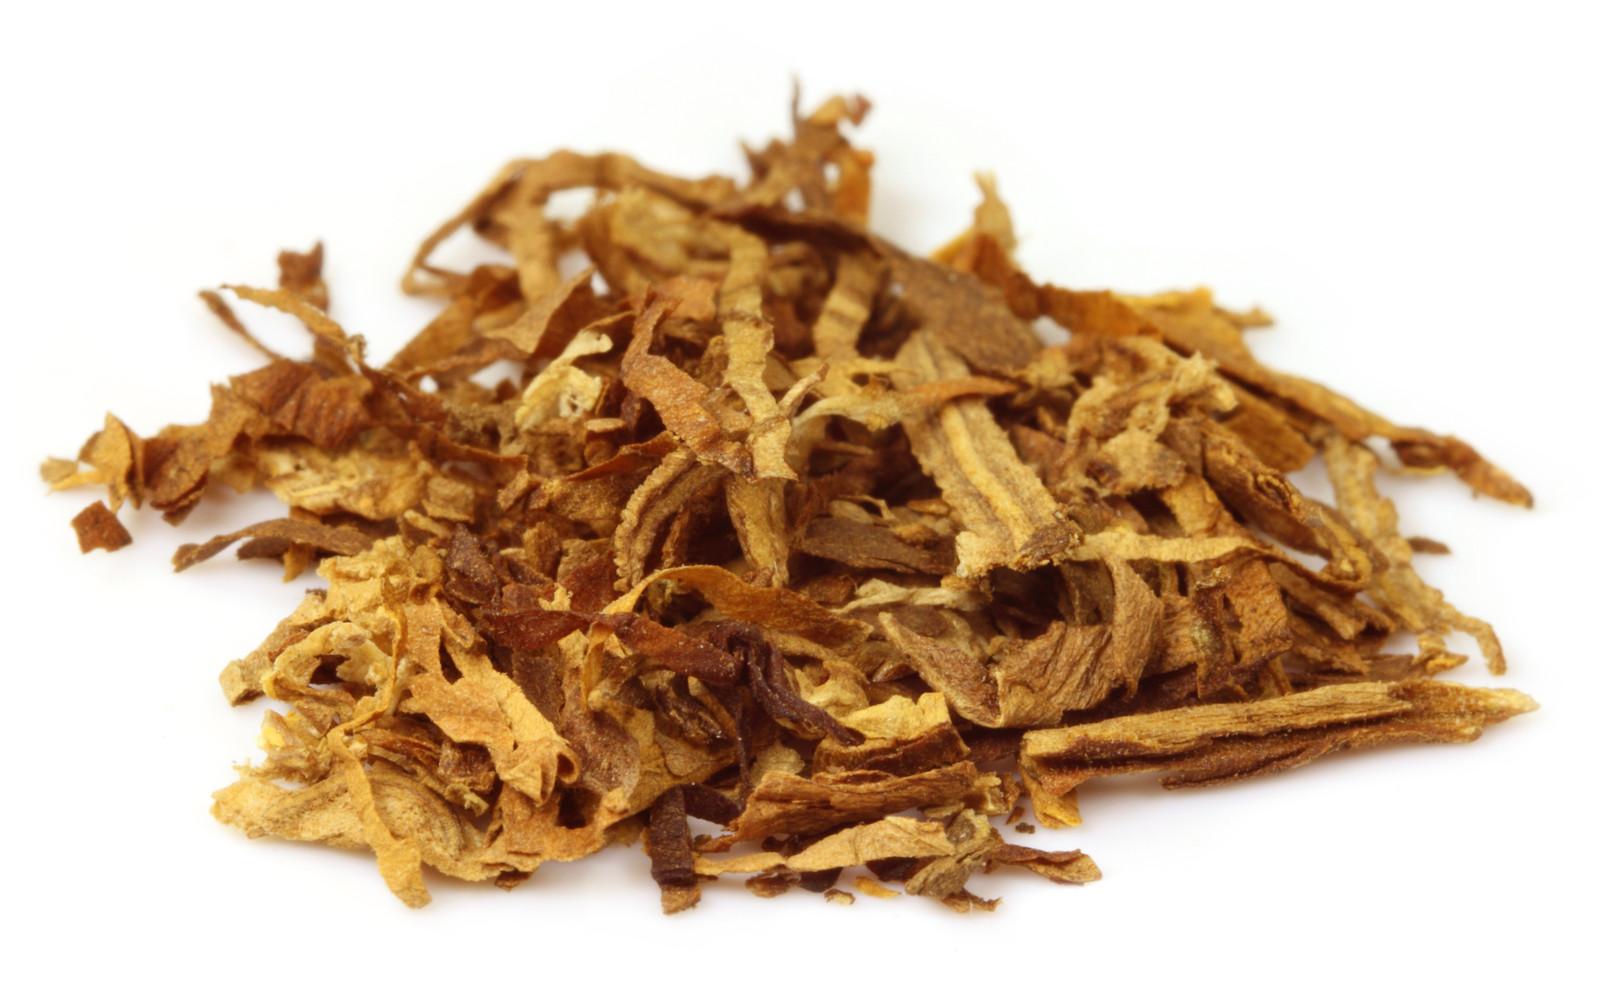 Turkish Tobacco flavor